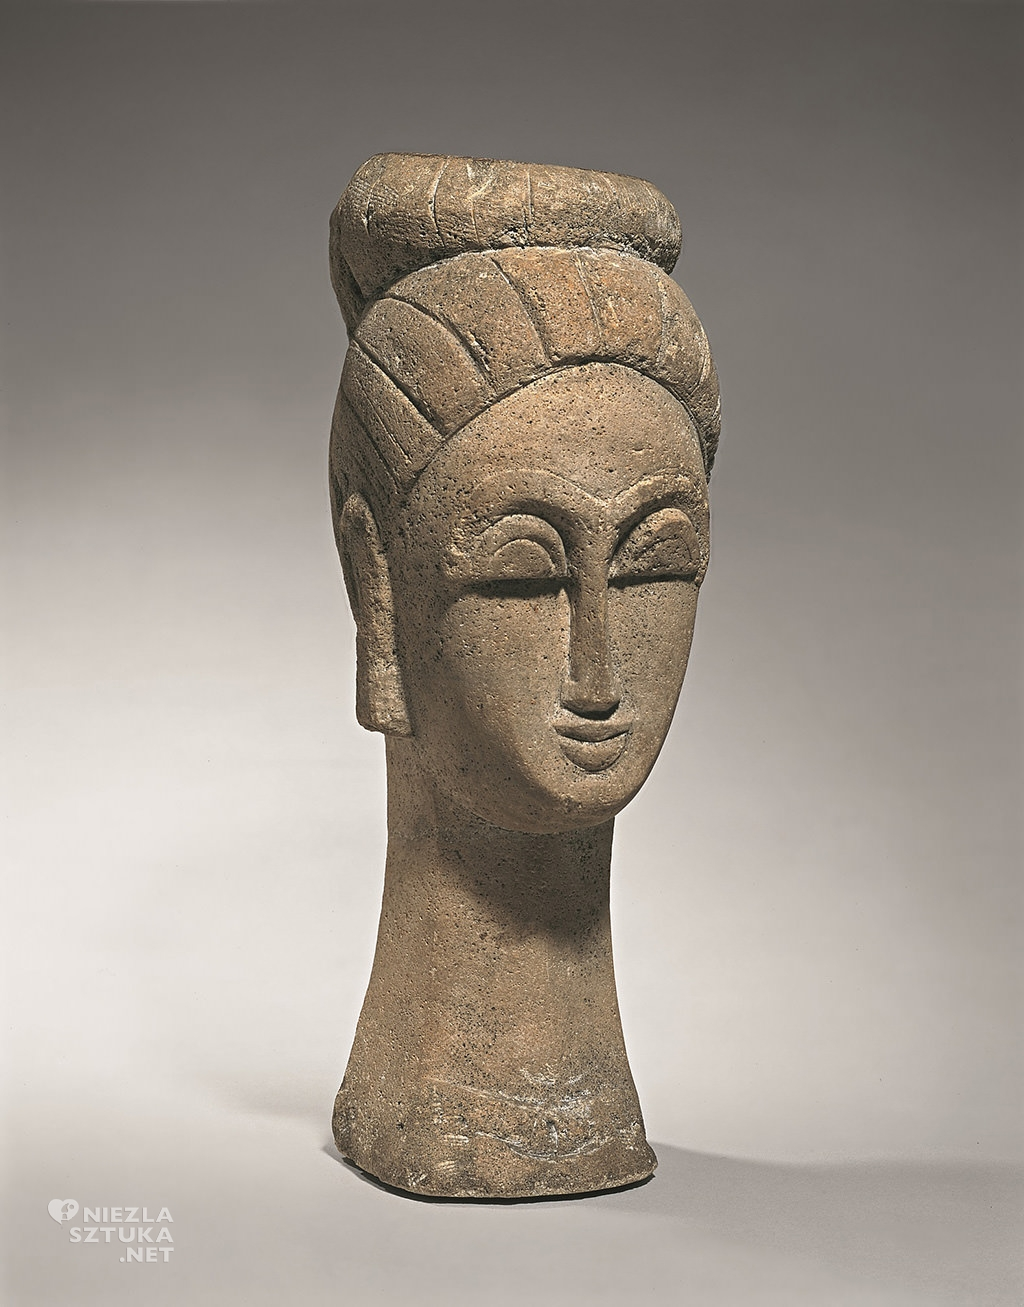 Amedeo Modigliani, Głowa kobiety, rzeźba, sztuka włoska, sztuka nowoczesna, Ecole de Paris, Niezła Sztuka